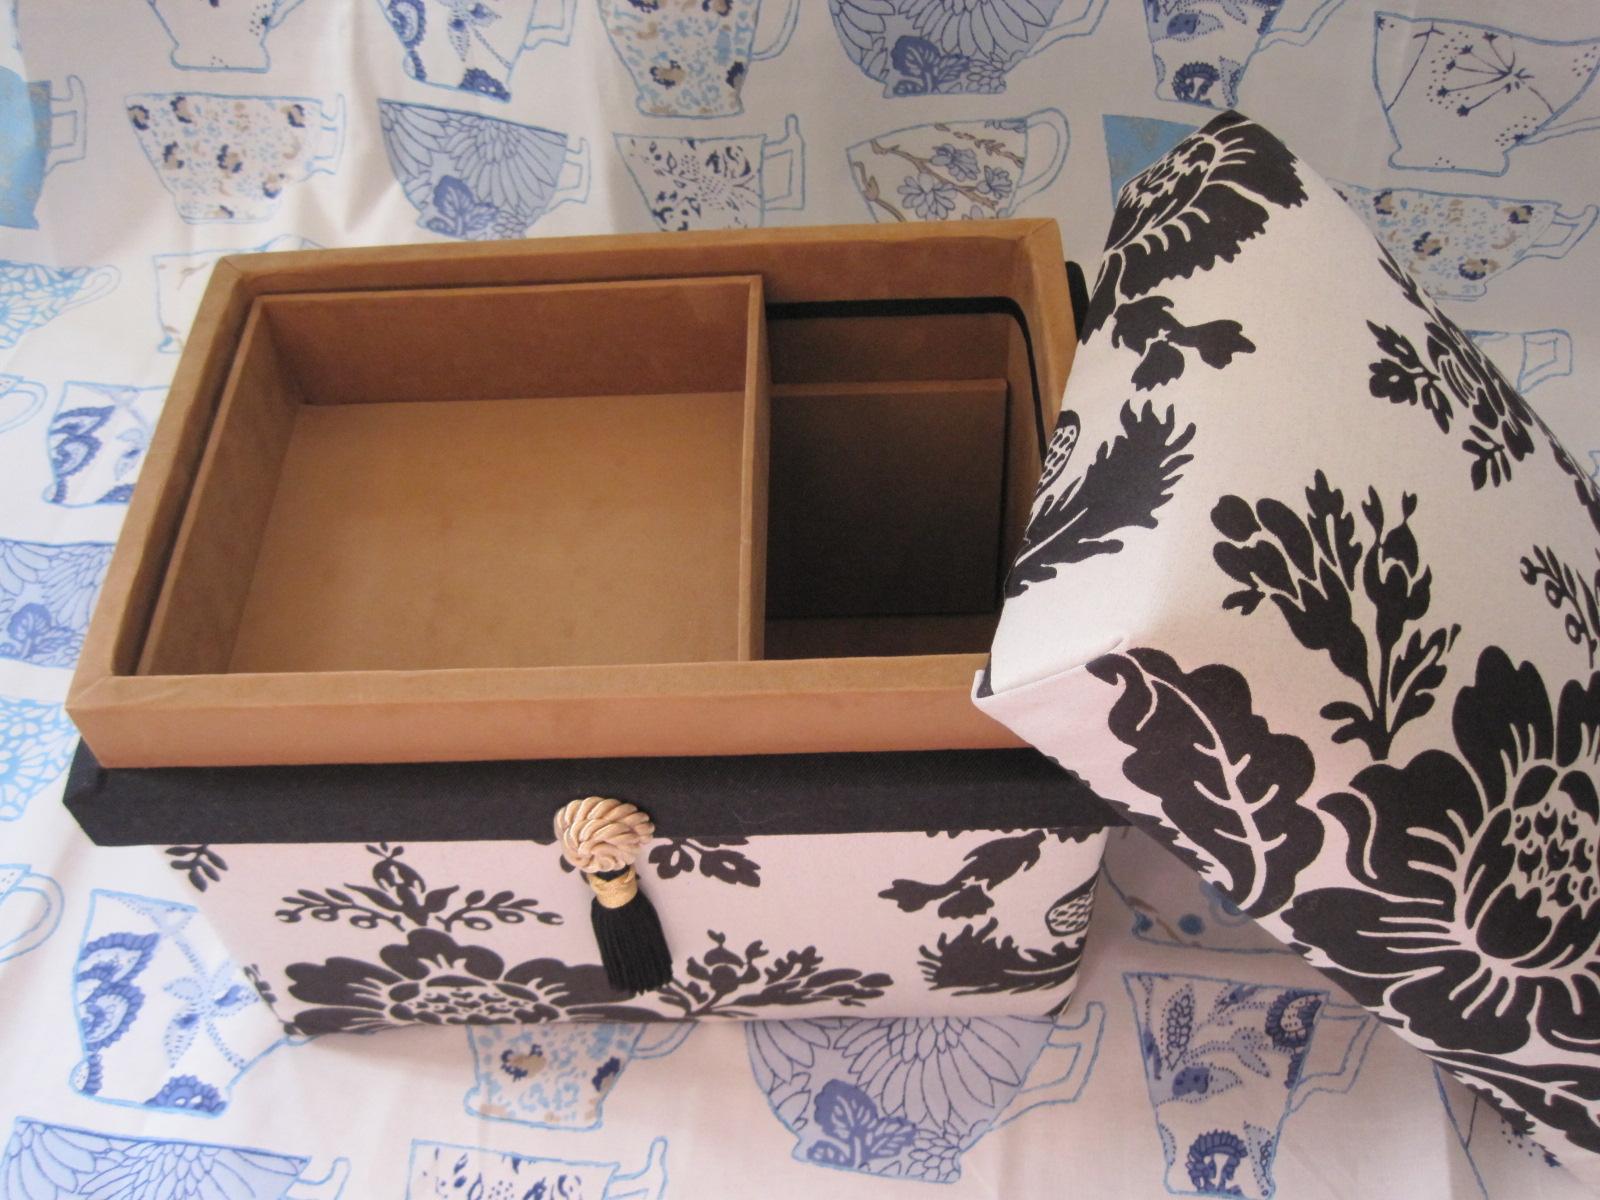 インテリア茶箱 ①_f0236260_12404822.jpg